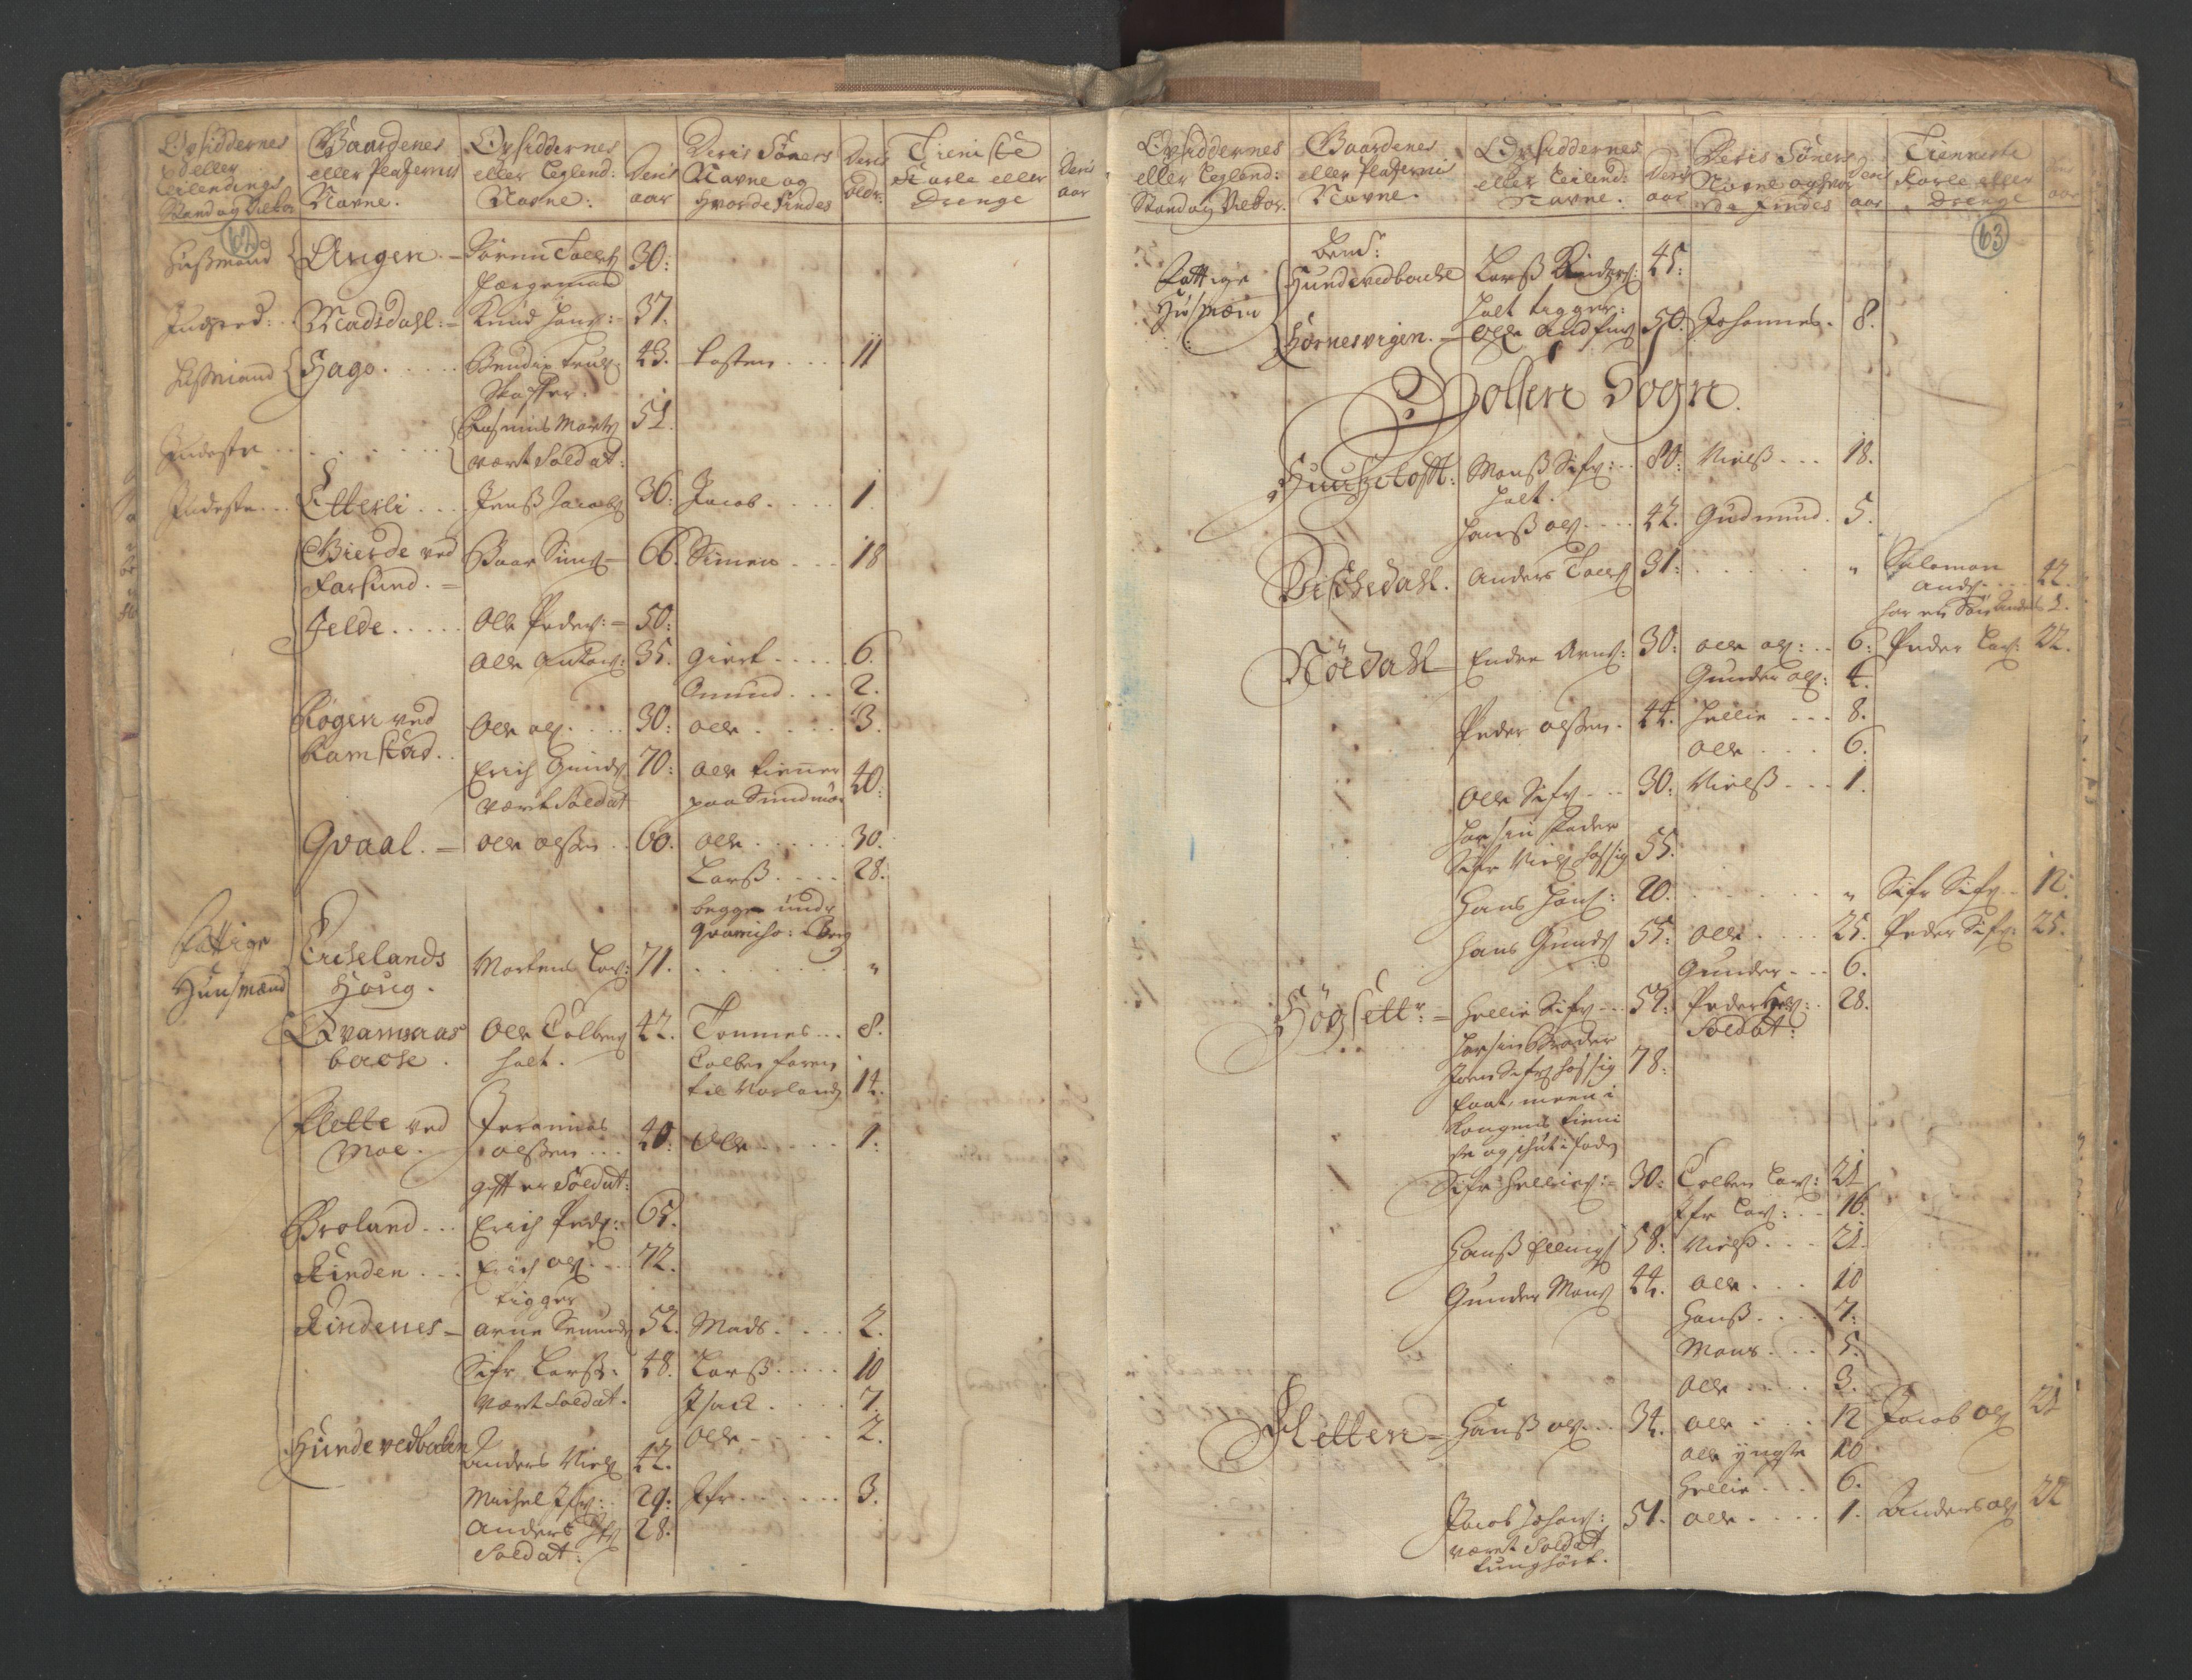 RA, Manntallet 1701, nr. 9: Sunnfjord fogderi, Nordfjord fogderi og Svanø birk, 1701, s. 62-63